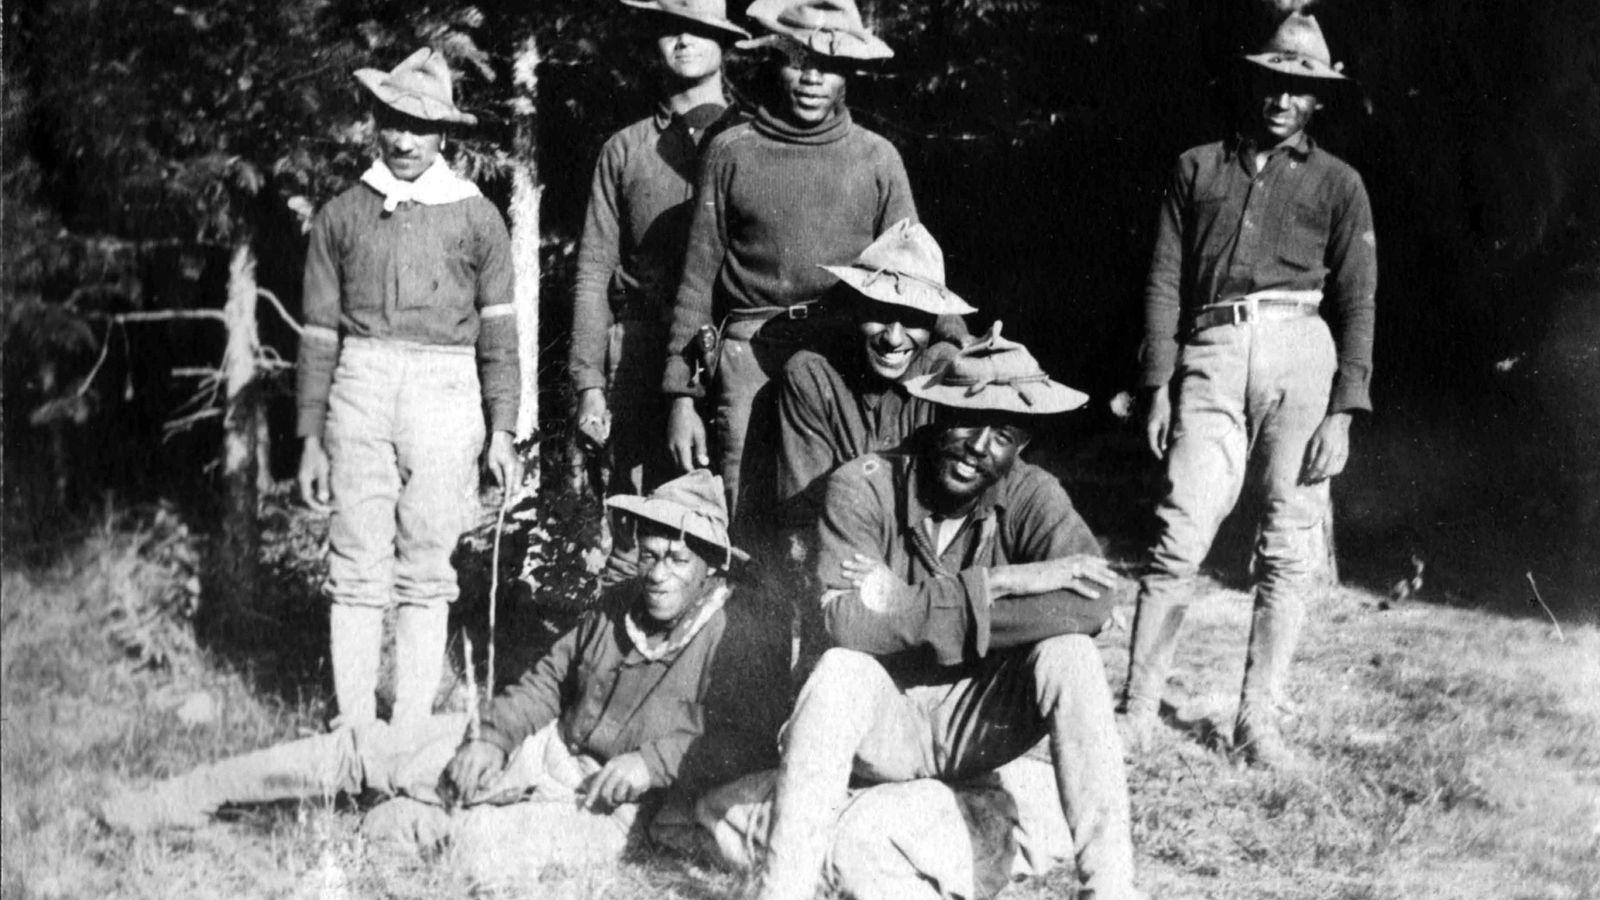 Peu de temps après la création du parc national de Yosemite en 1890, les Buffalo Soldiers ...